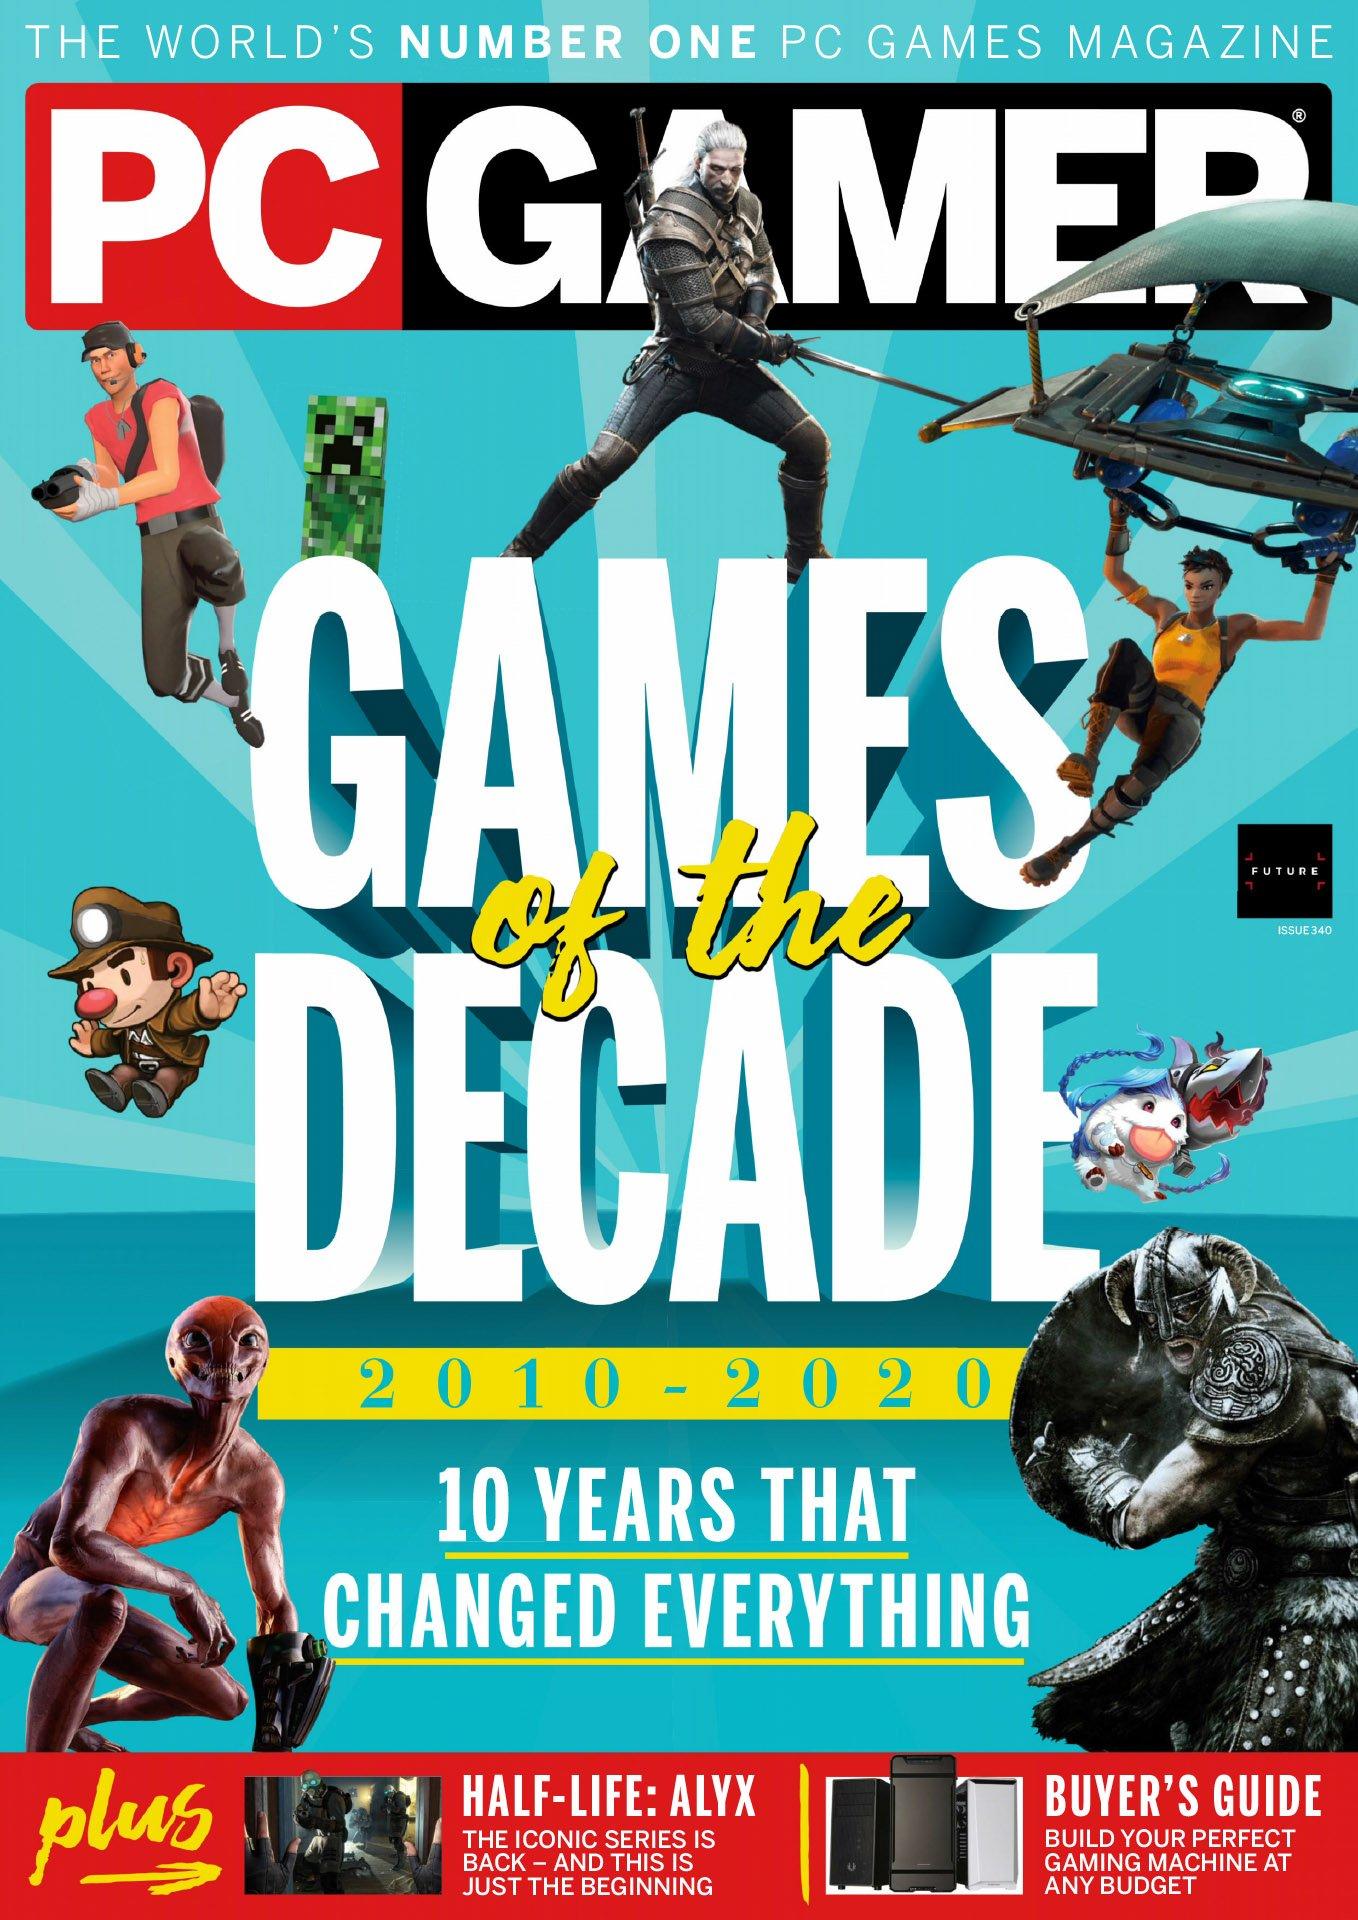 PC Gamer UK Issue 340 (February 2020)